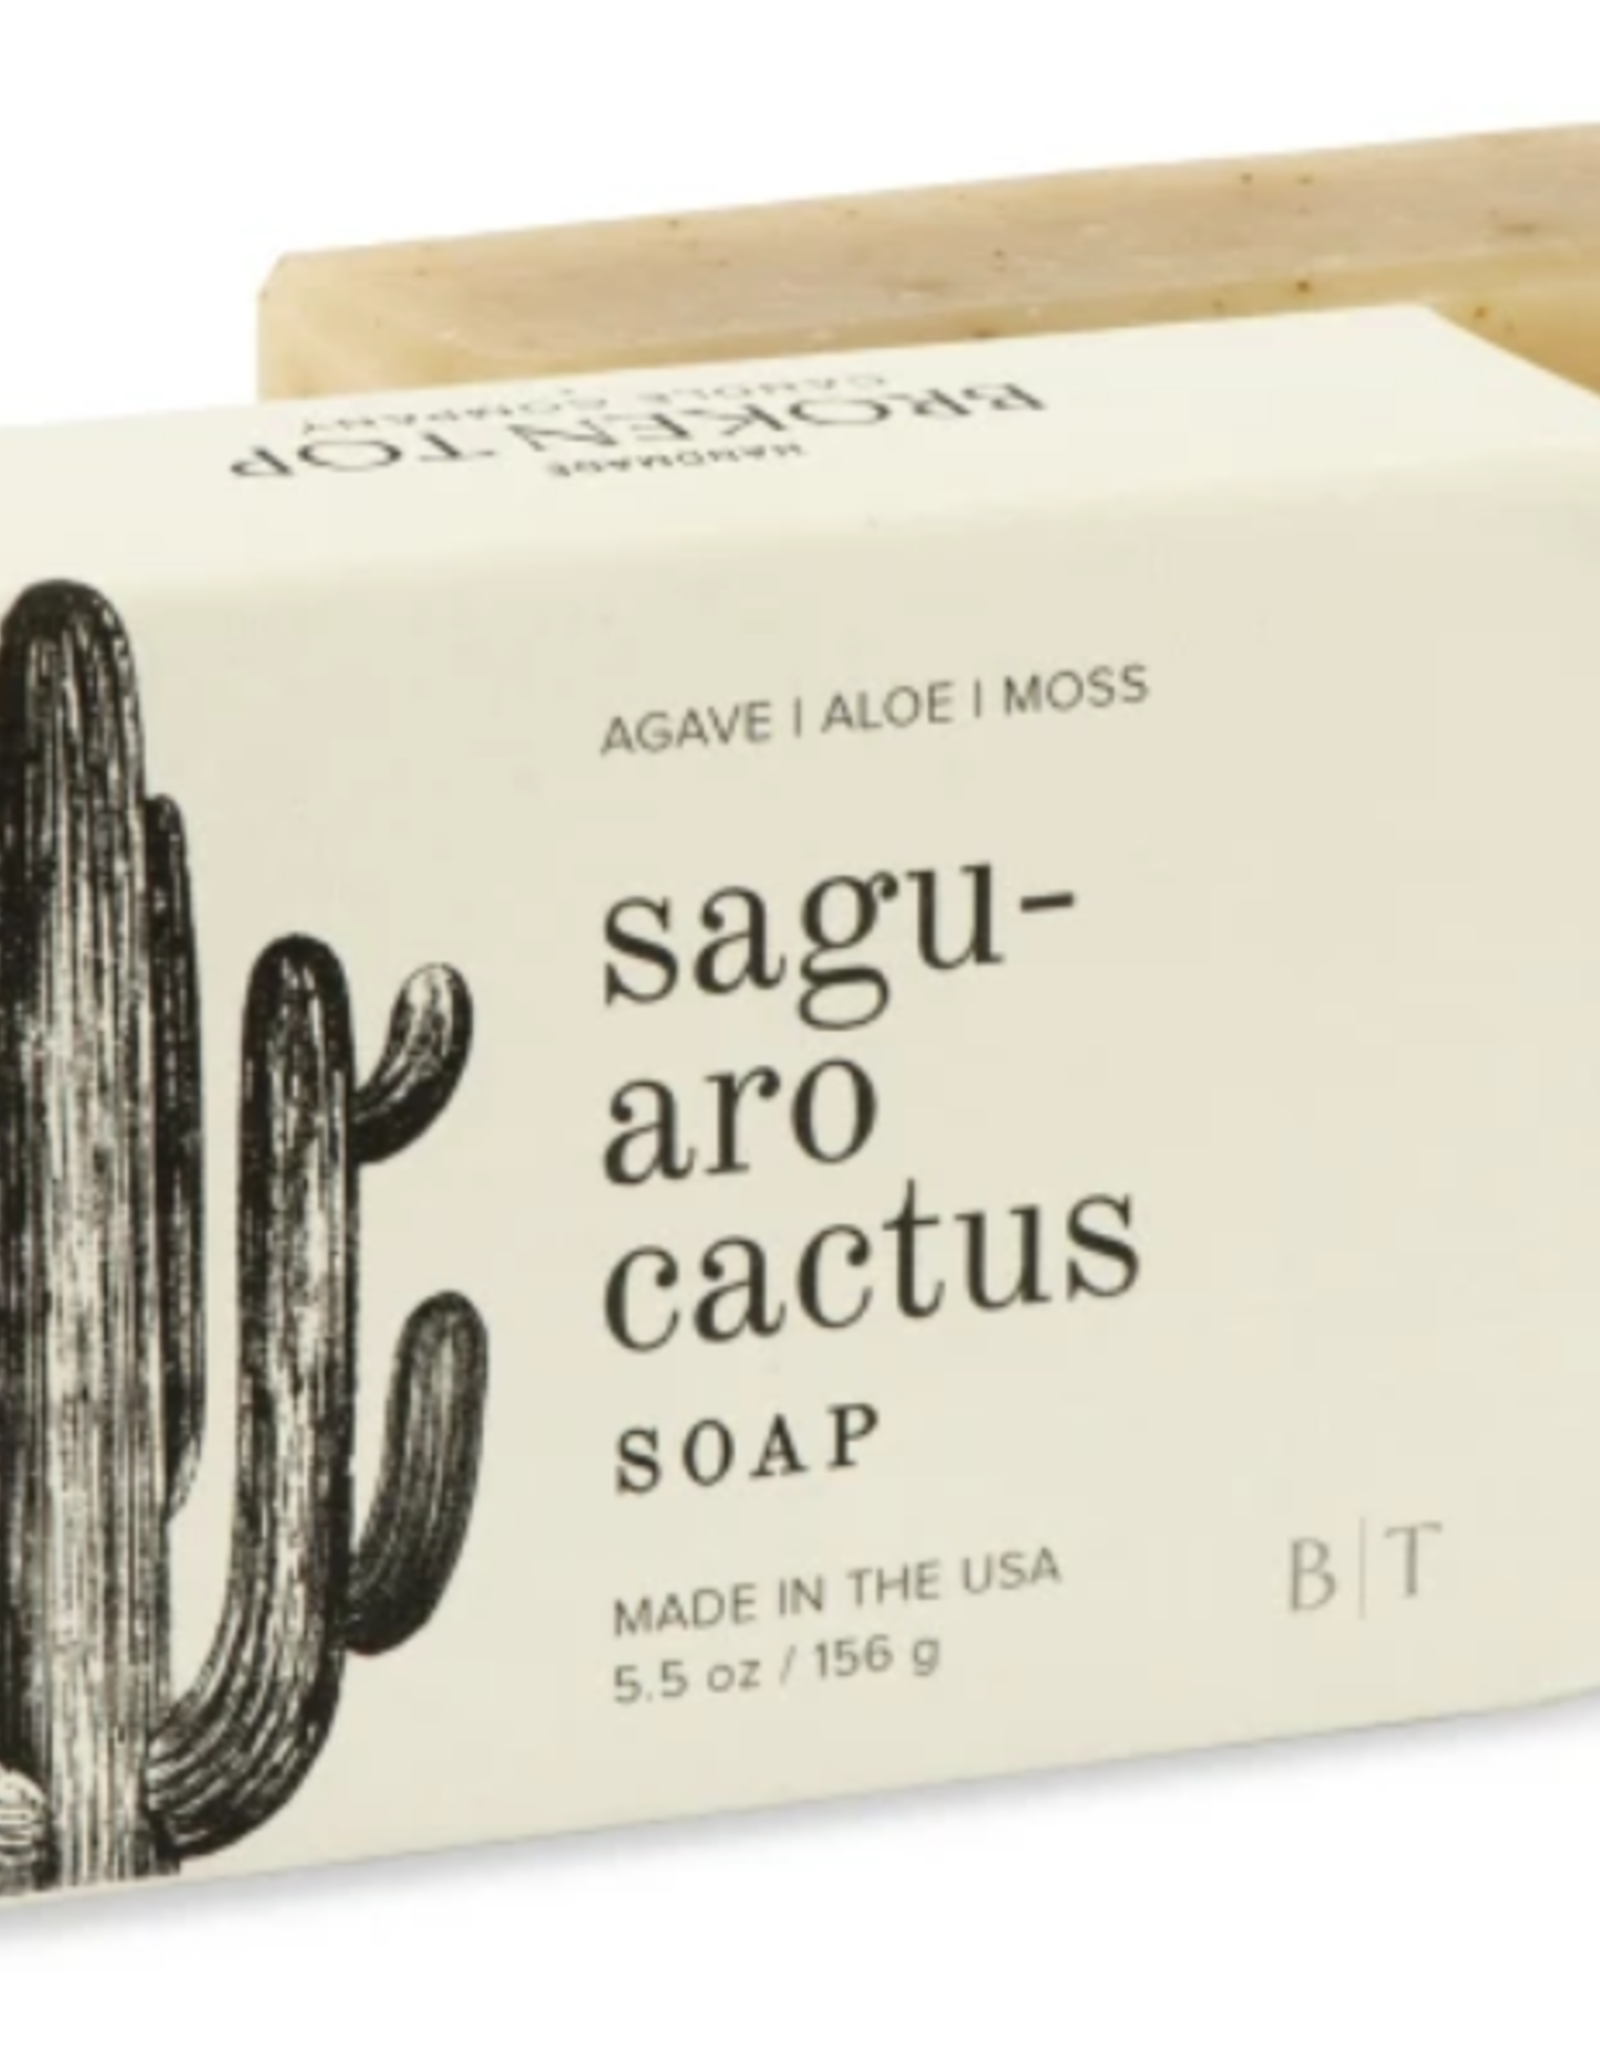 SOAP BAR SAGUARO CACTUS 5.5 OZ